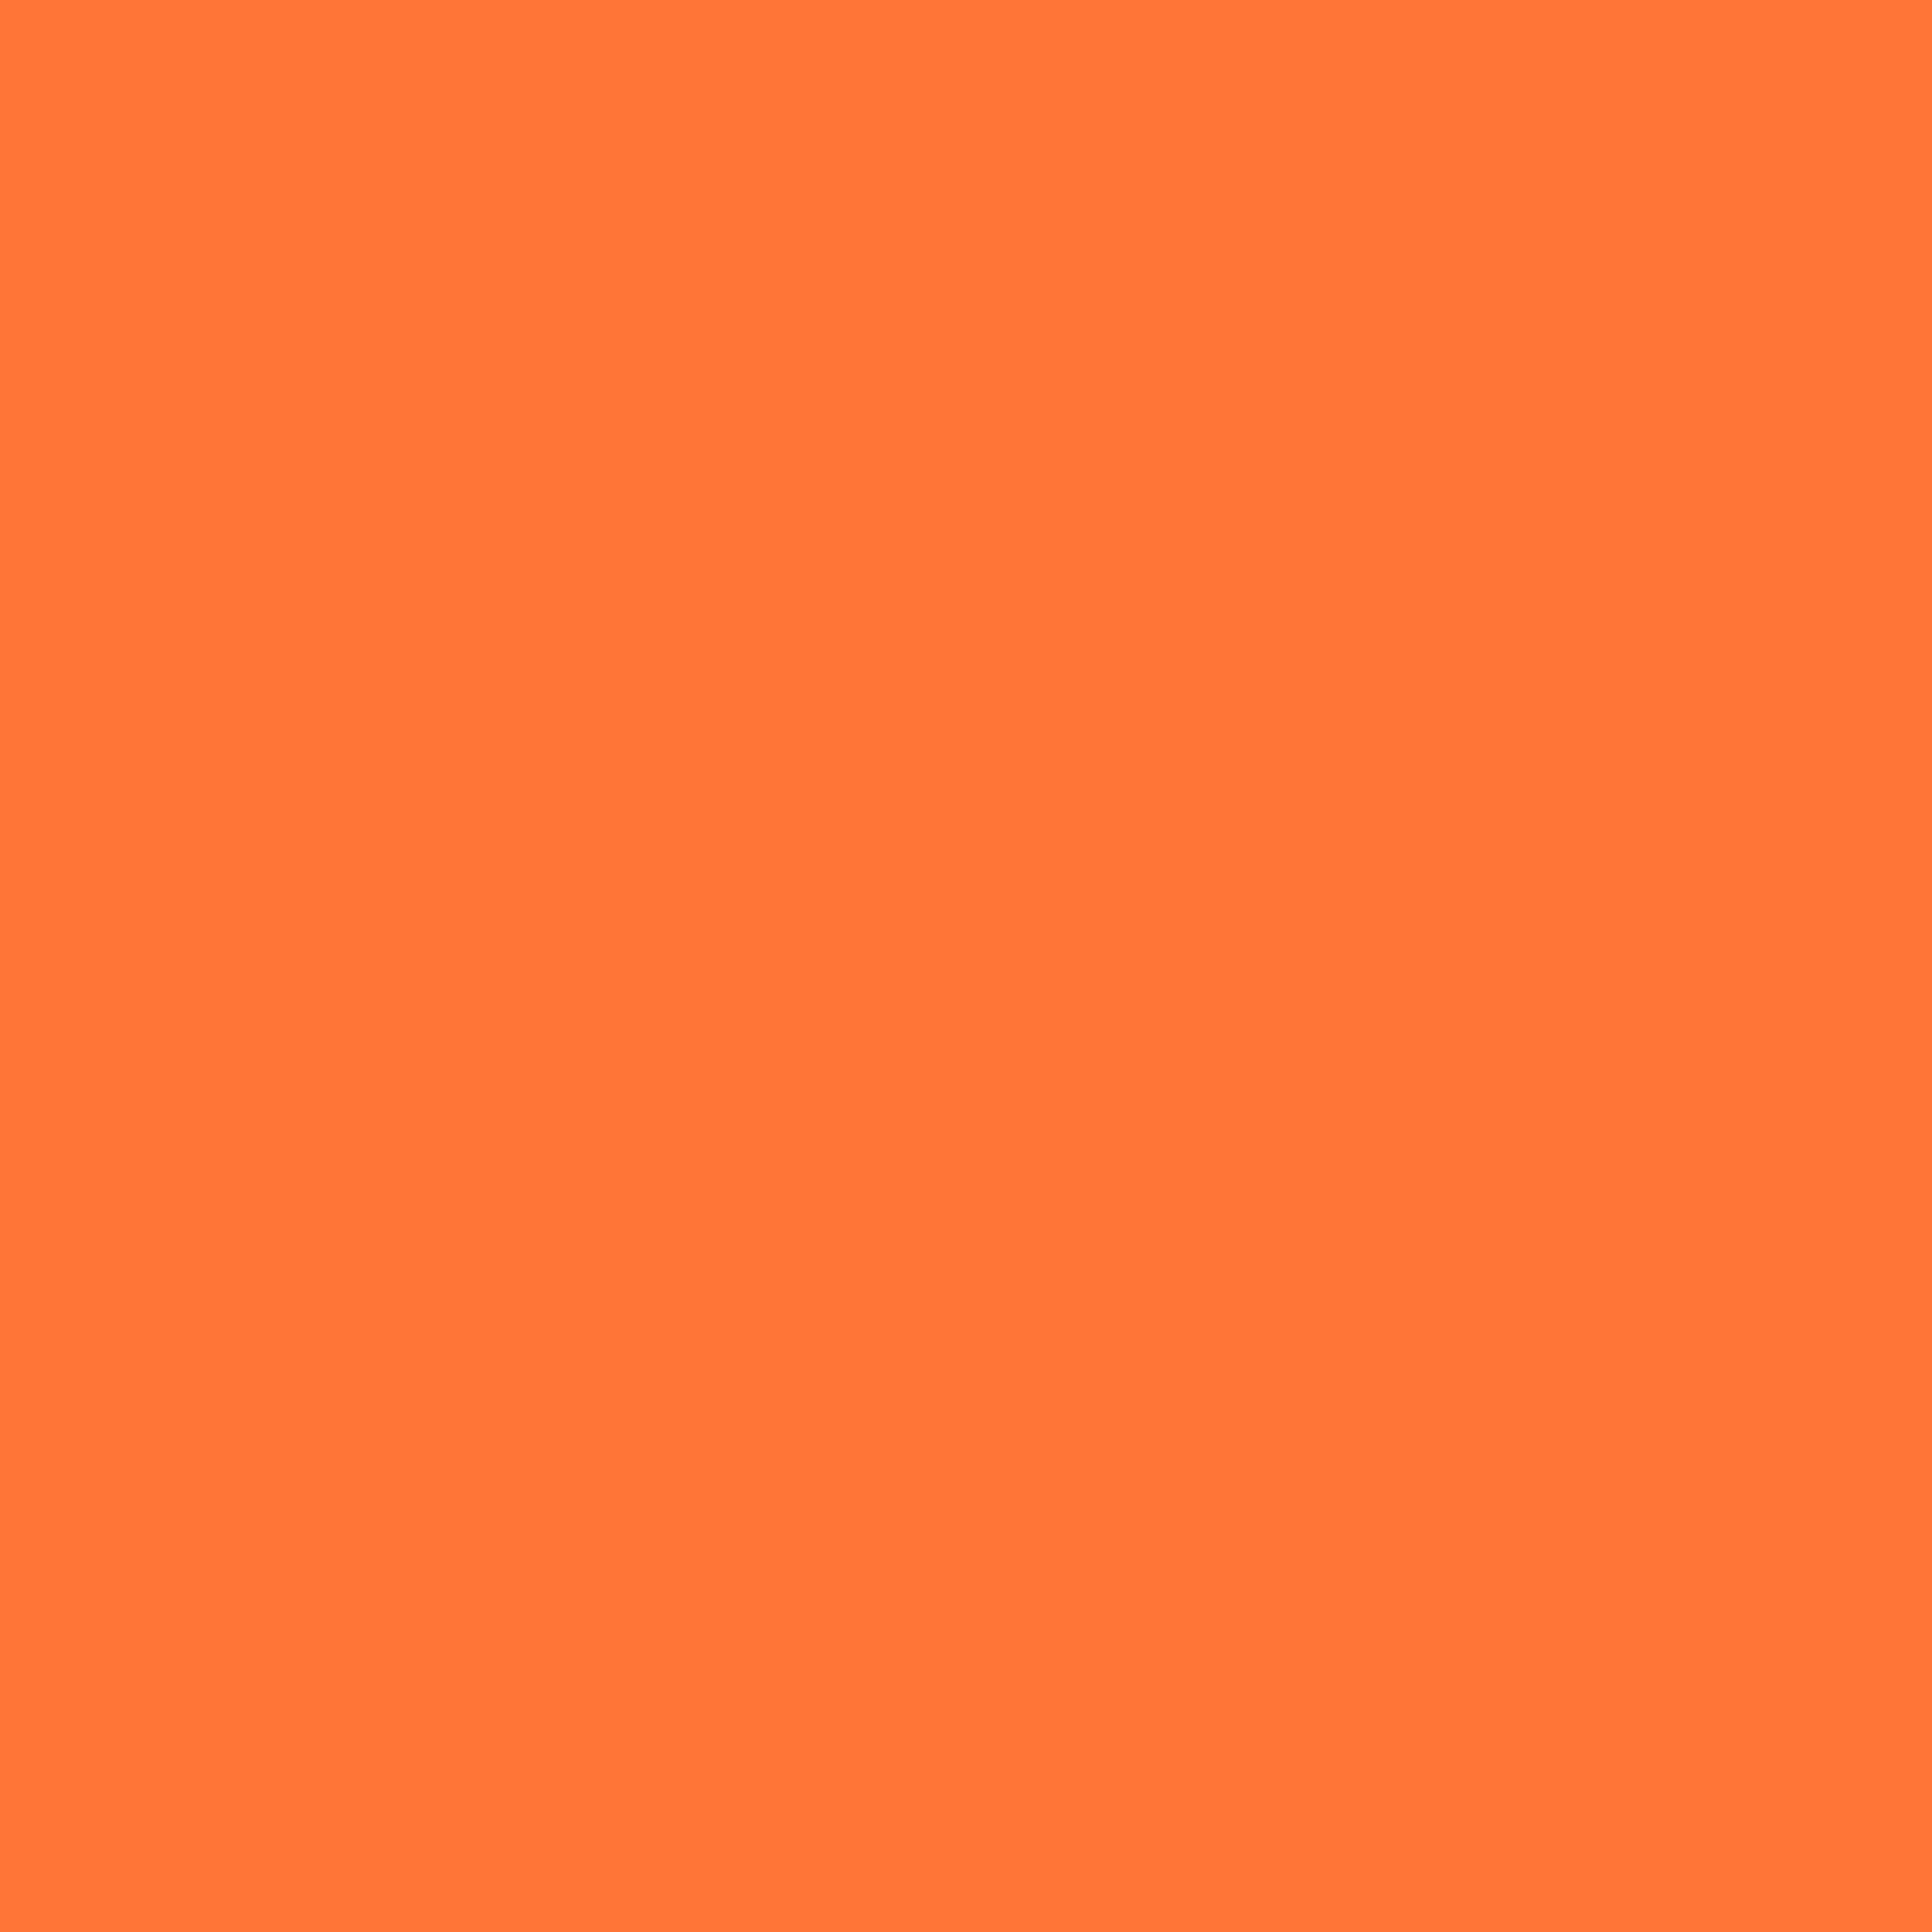 2732x2732 Orange Crayola Solid Color Background